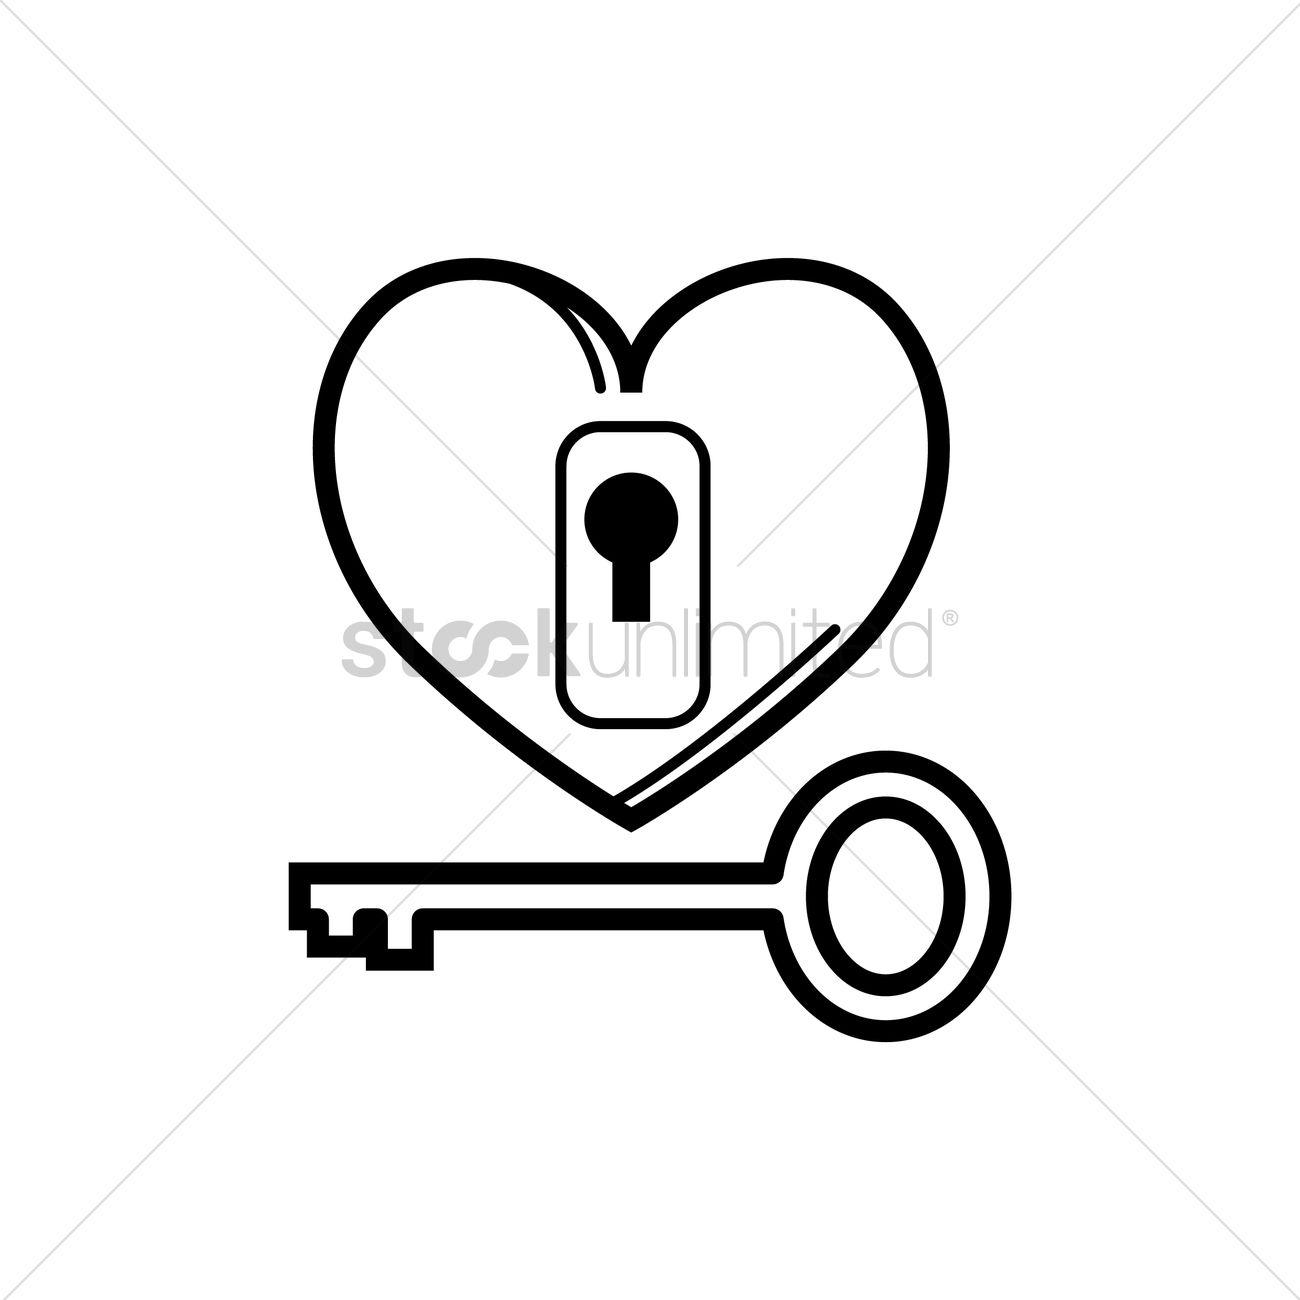 Heart And Key Drawing At Getdrawings